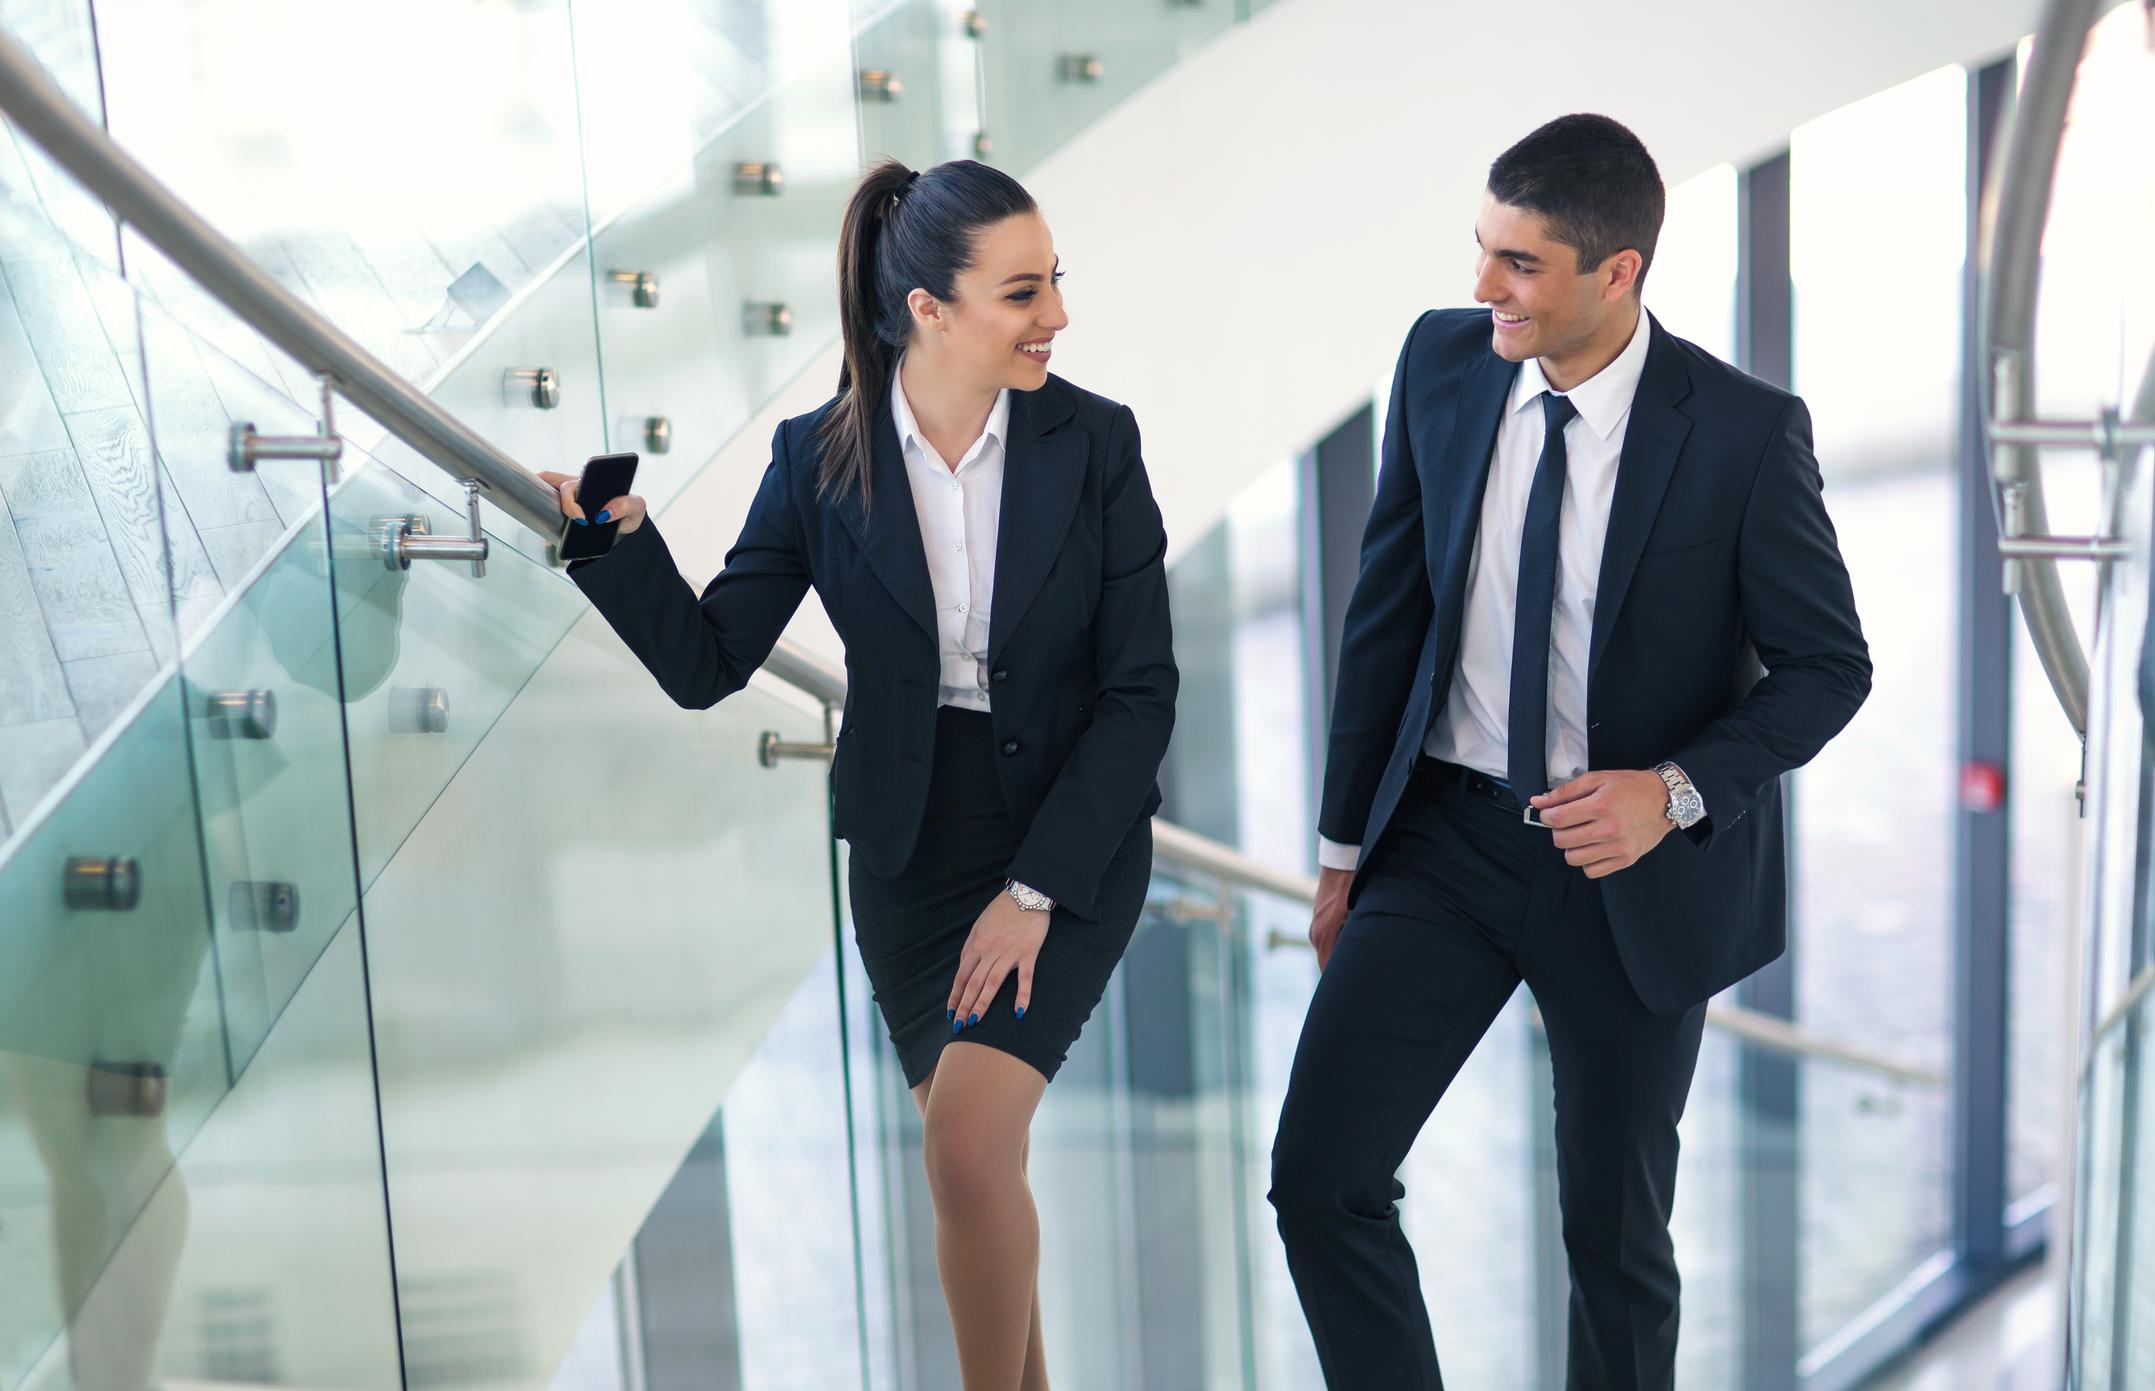 é possível ter sucesso no amor sem abrir mão da carreira?3 min read